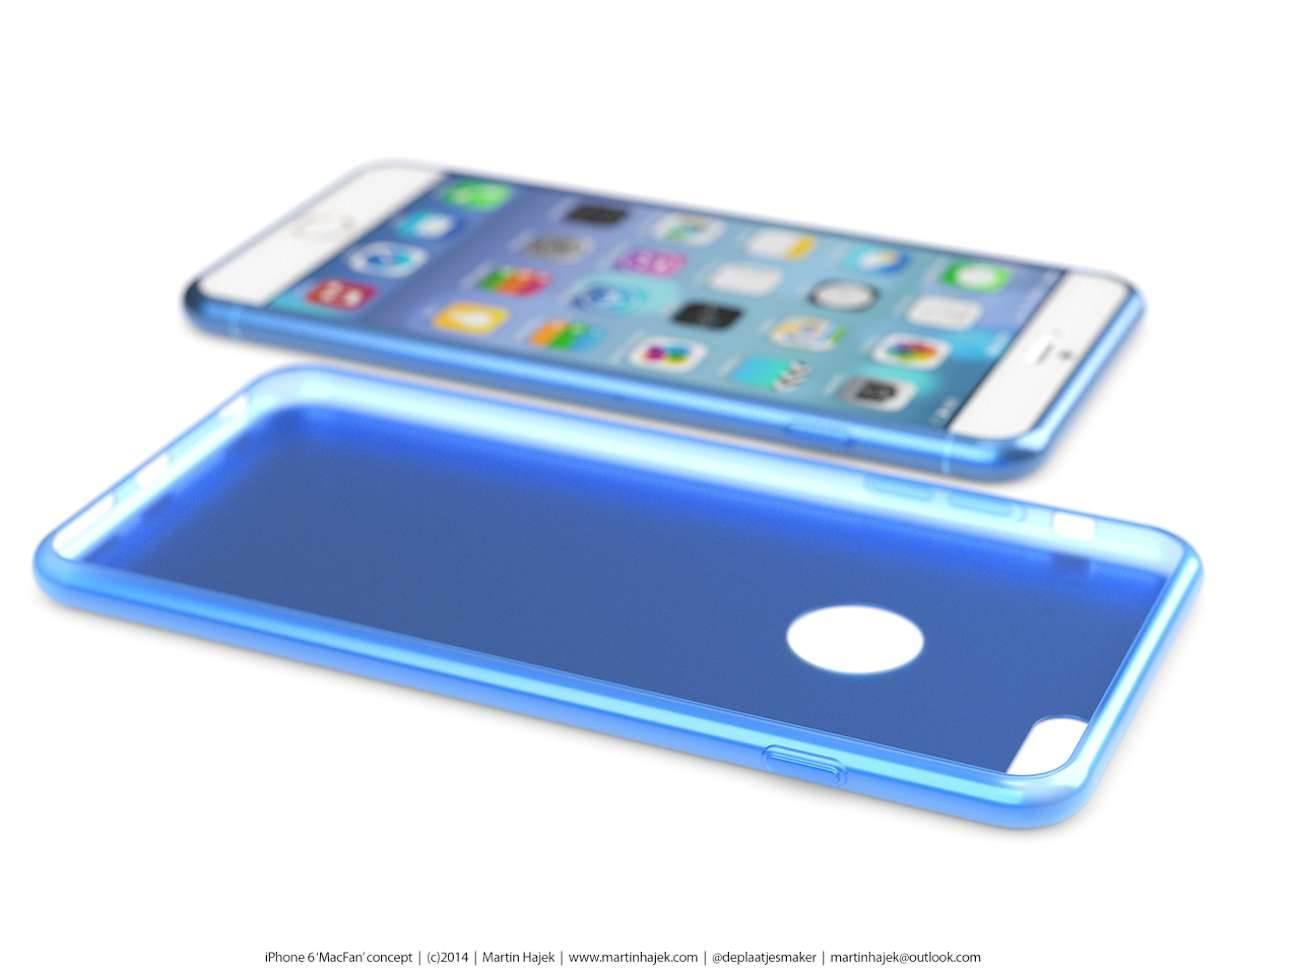 iPhone 6 i bardzo interesujący koncept Martina Hajek'a ciekawostki Zdjęcia iPhone 6, Wizja, Nowy iPhone 6, koncept, jak będzie wyglądał nowy iPhone 6, iPhone6, iPhone Air, iPhone 6, iPhone, Apple  Pamiętacie jak kilka dni temu umieściliśmy na stronie zdjęcia rzekomej obudowy nowego iPhone'a 6? iP631